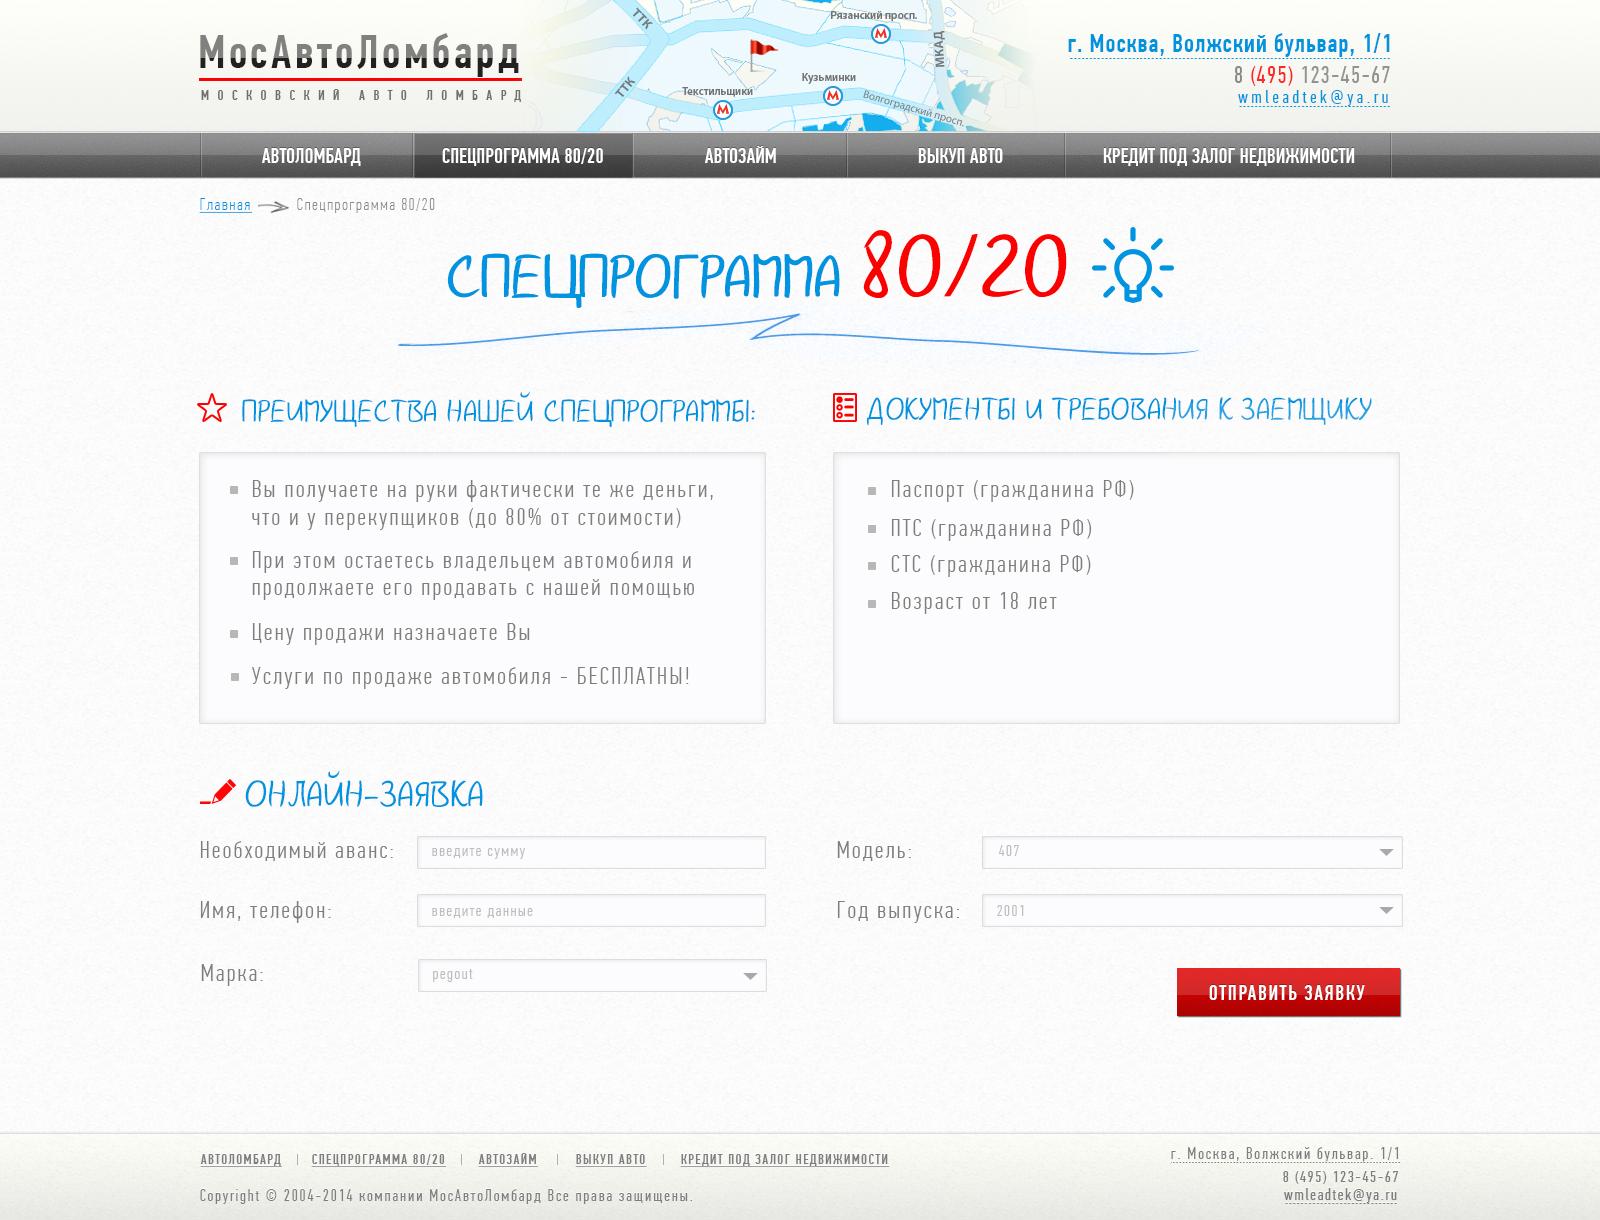 """Разработка дизайна Главной и всех внутренних страниц для  Мосавтоломбард-страница """"Спецпрограмма 80/20"""""""